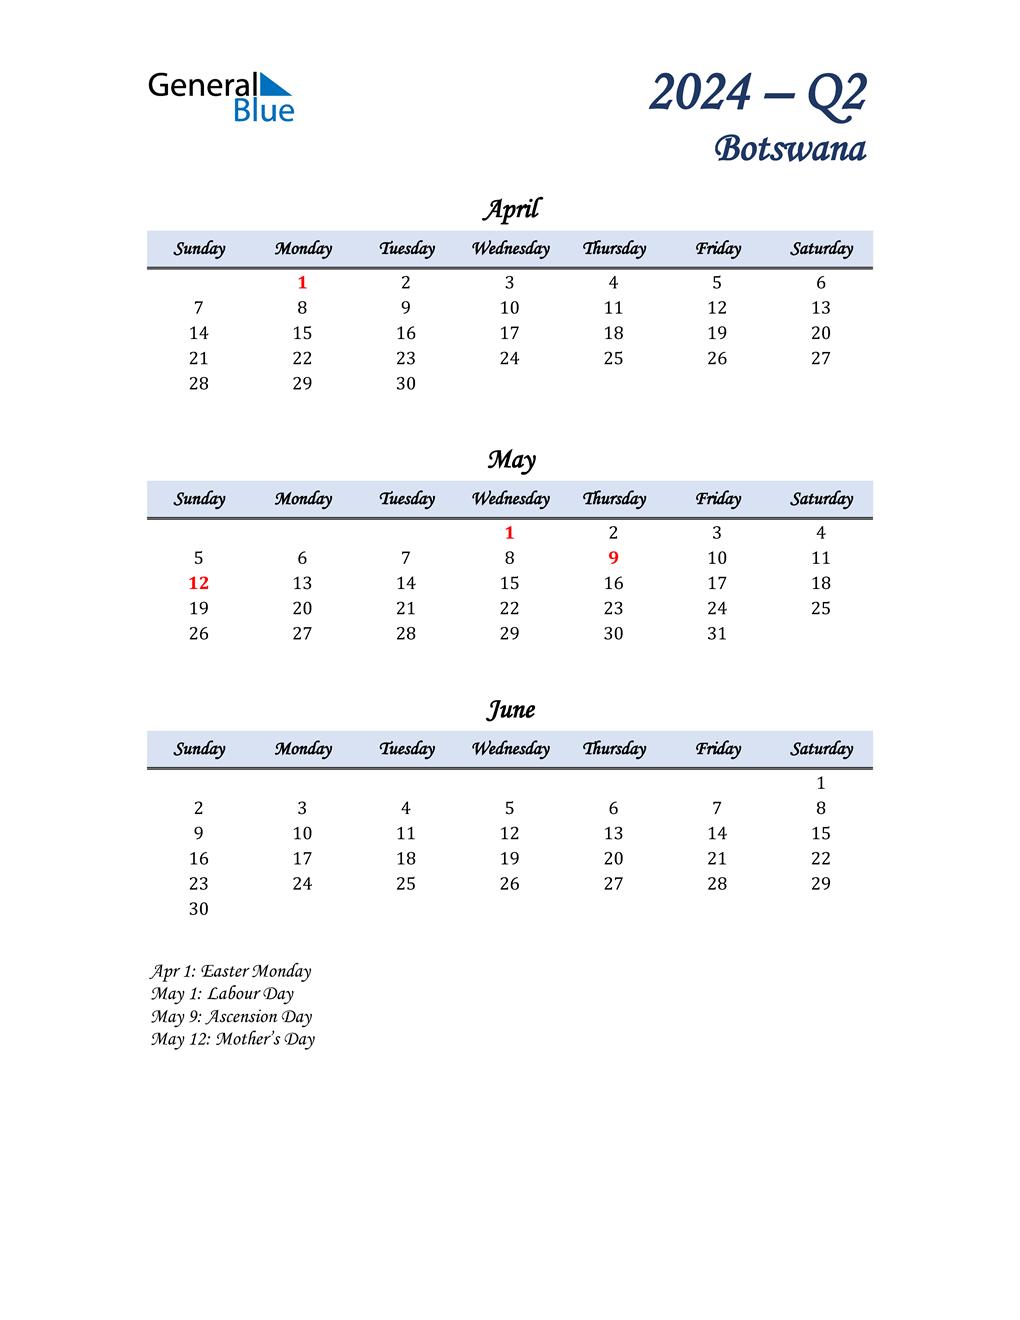 April, May, and June Calendar for Botswana